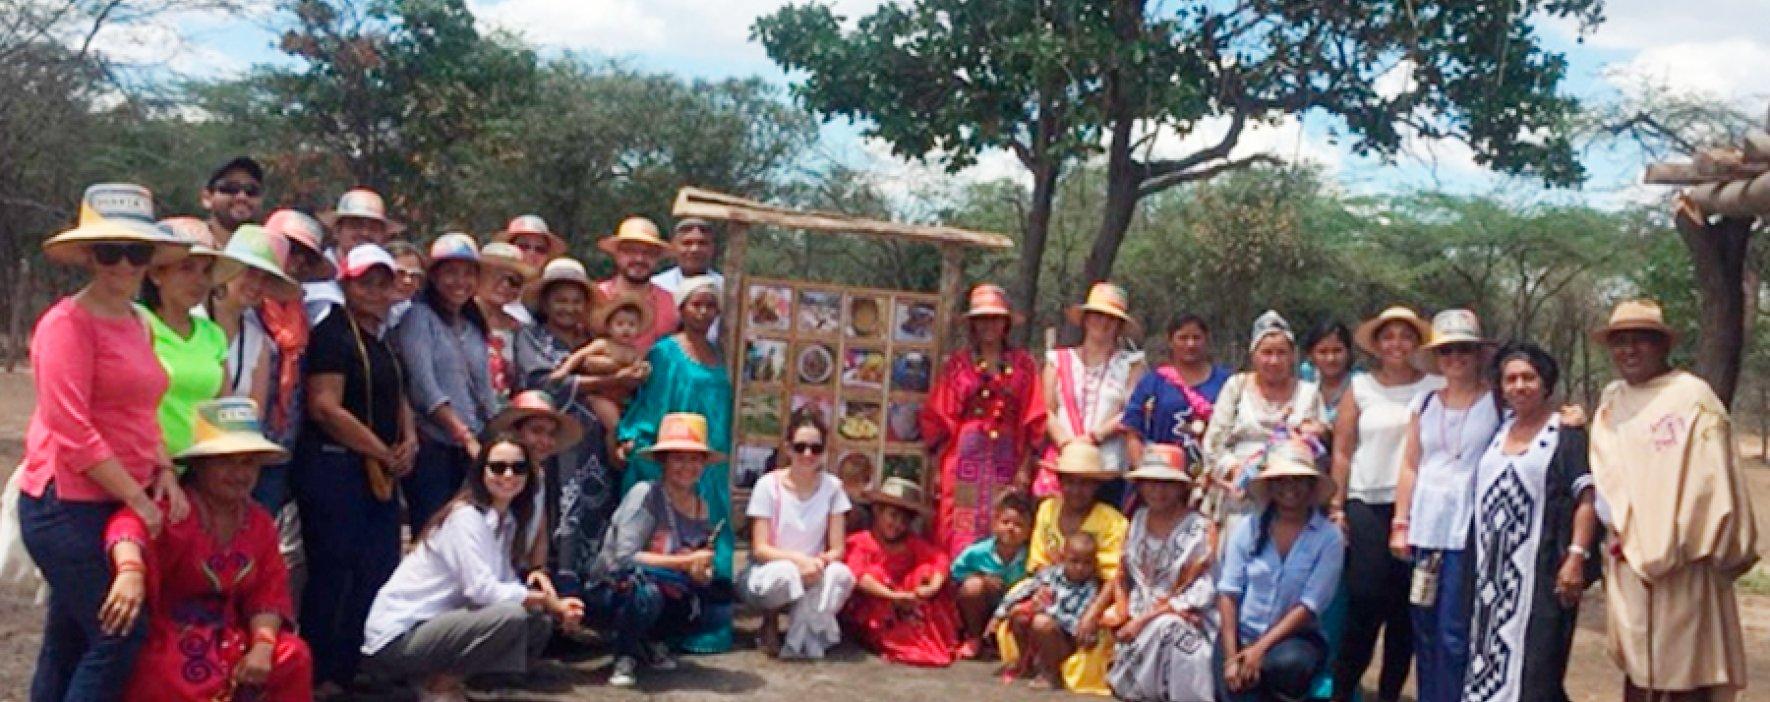 Experiencia transformadora del Nodo de Colombia